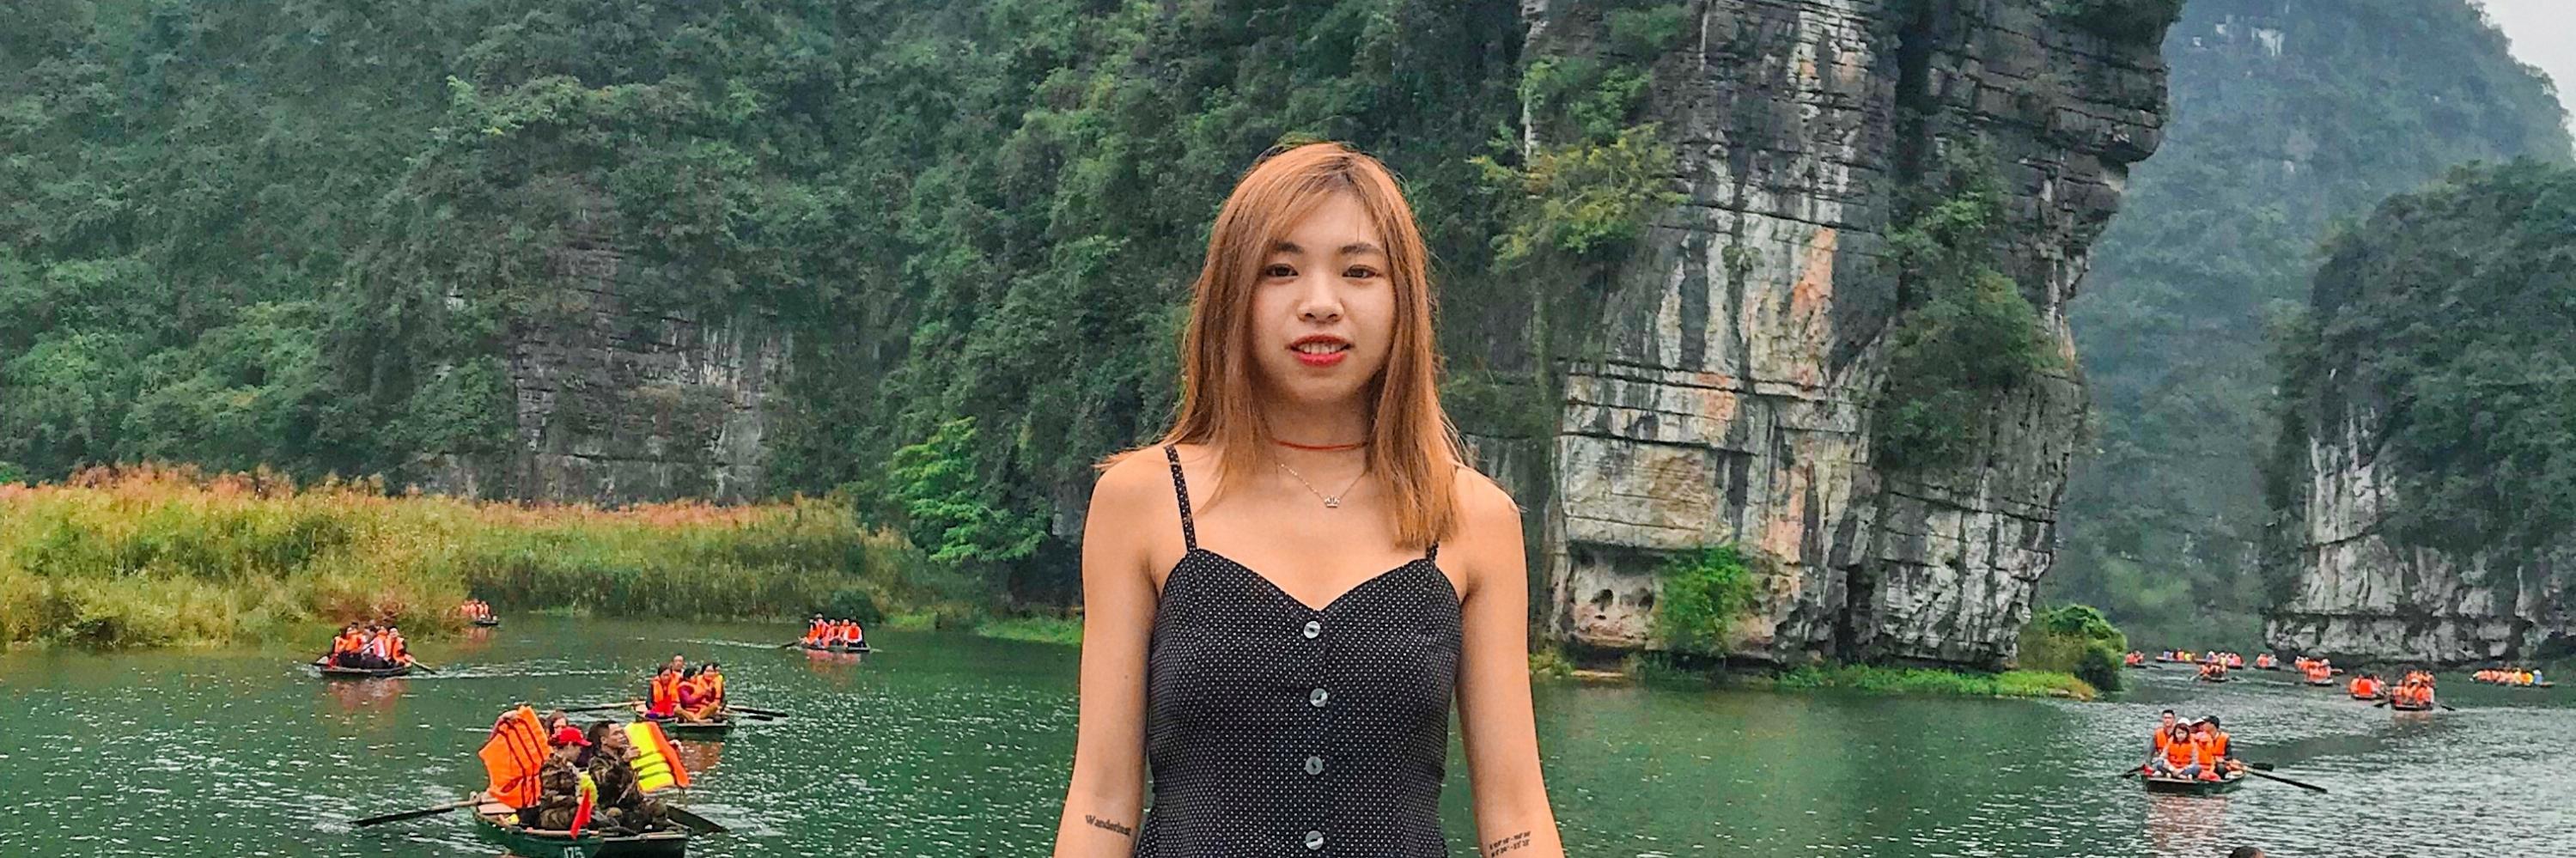 https://gody.vn/blog/min.263965148/post/ninh-binh-mien-dat-gay-thuong-nho-3082